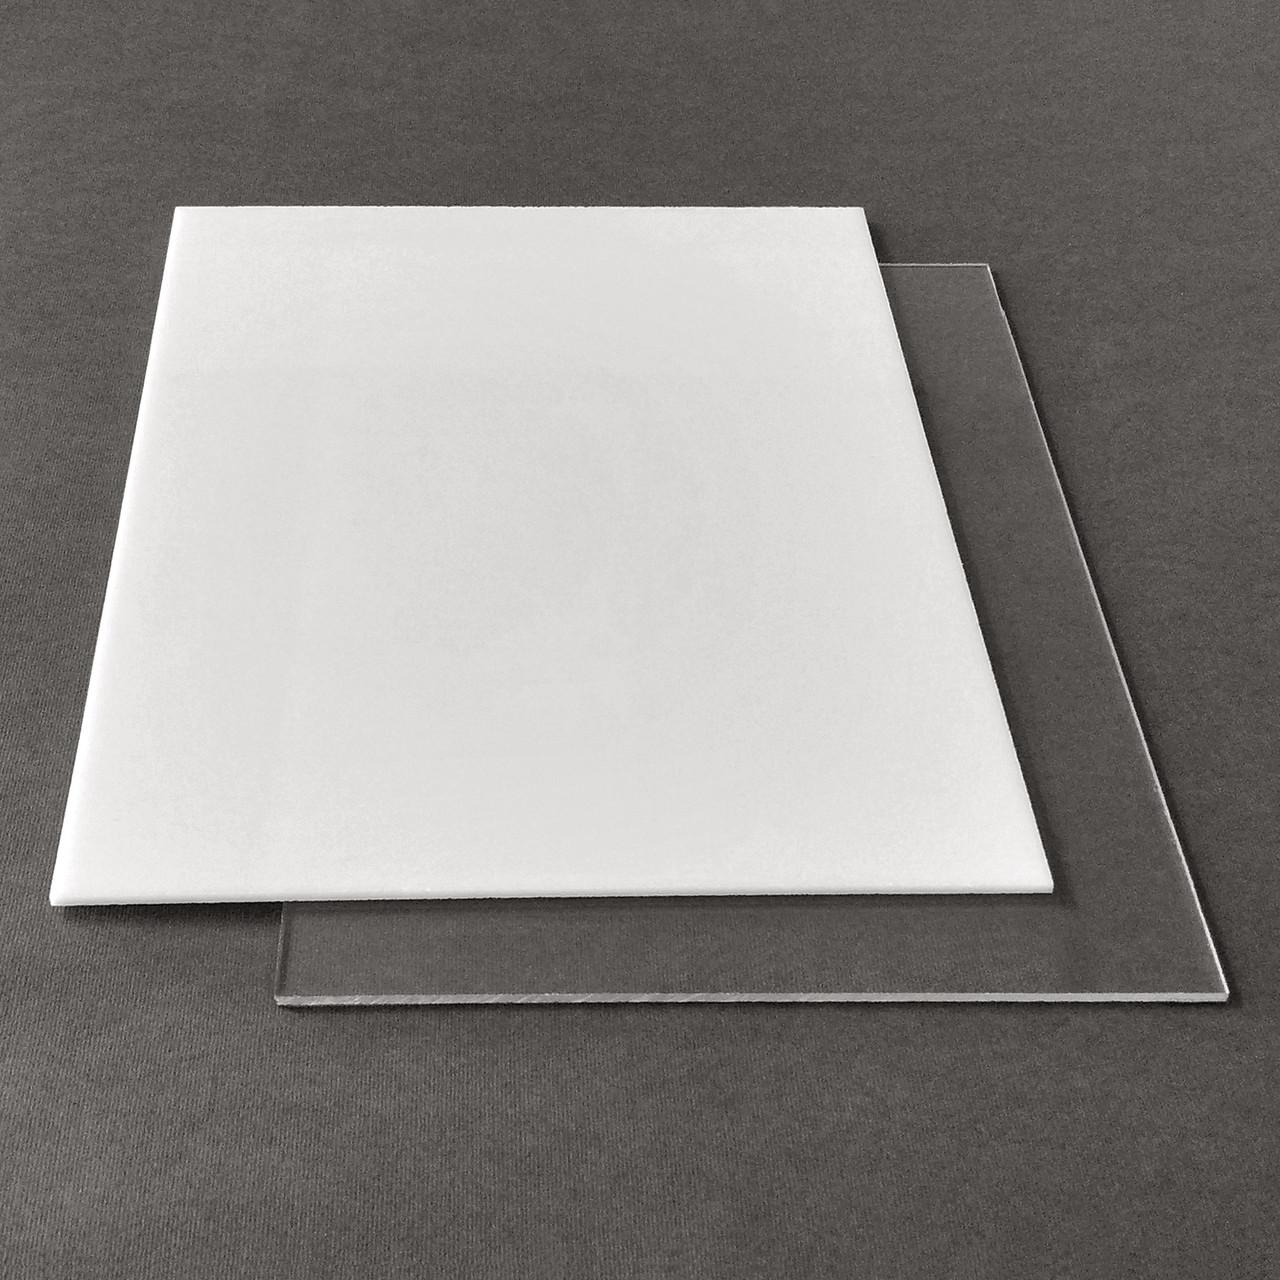 Рекламний пластик САН Plexan, прозорий, лист 2.05 х 3.05 м, 4 мм